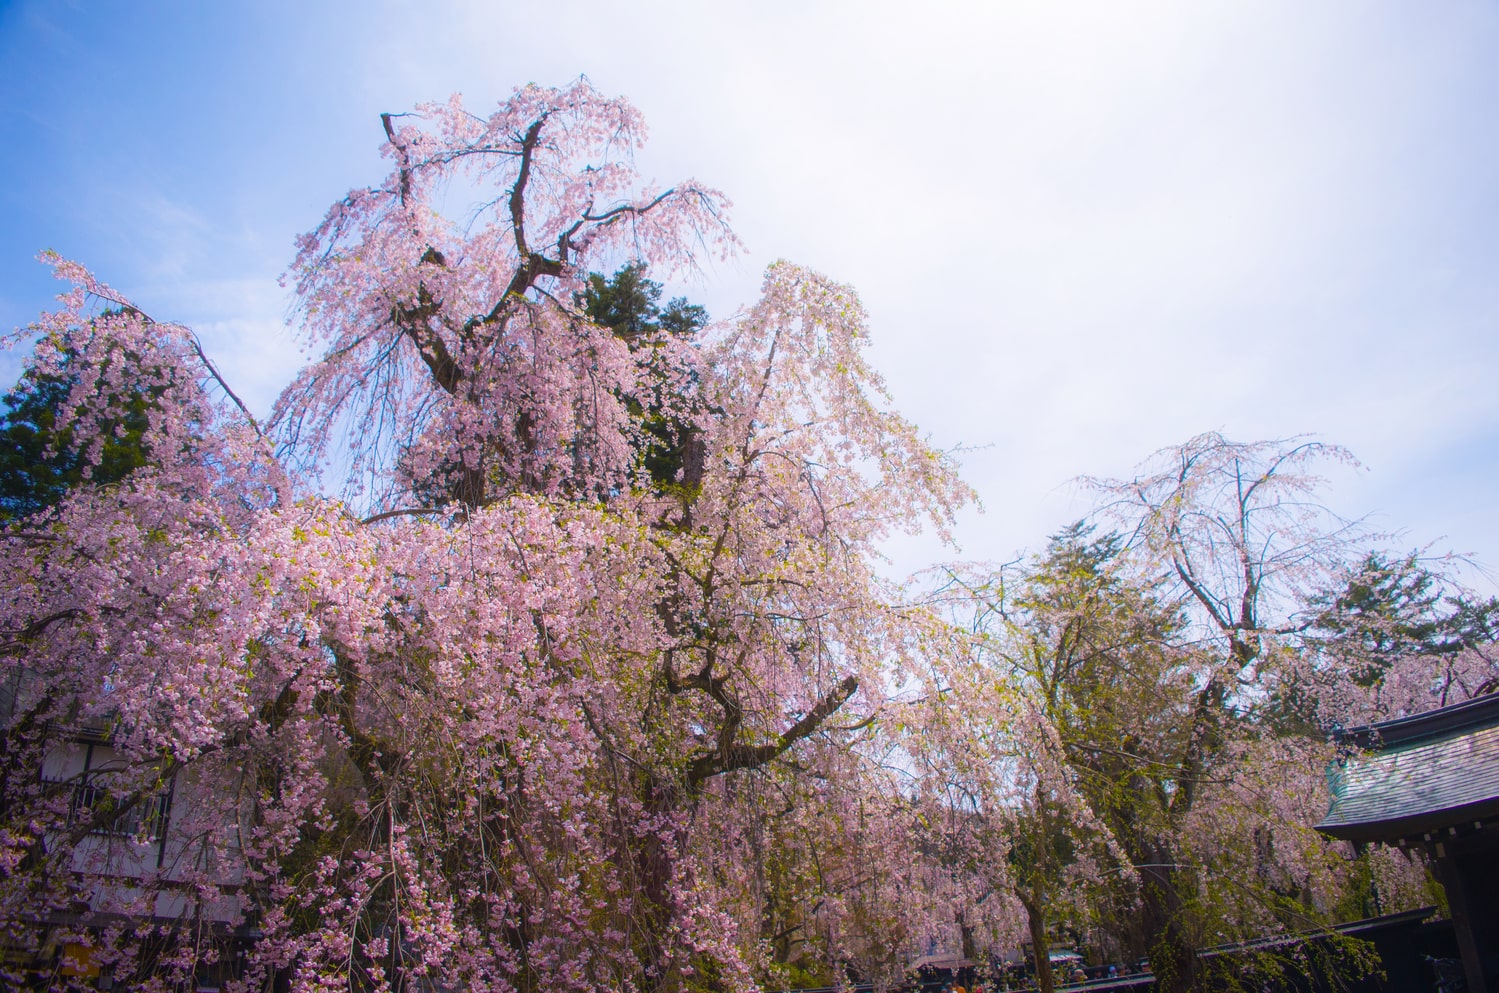 秋田観光 > 角館観光 > これぞ日本の風情!時代を超えて人々を魅了する「しだれ桜」の名所まとめ